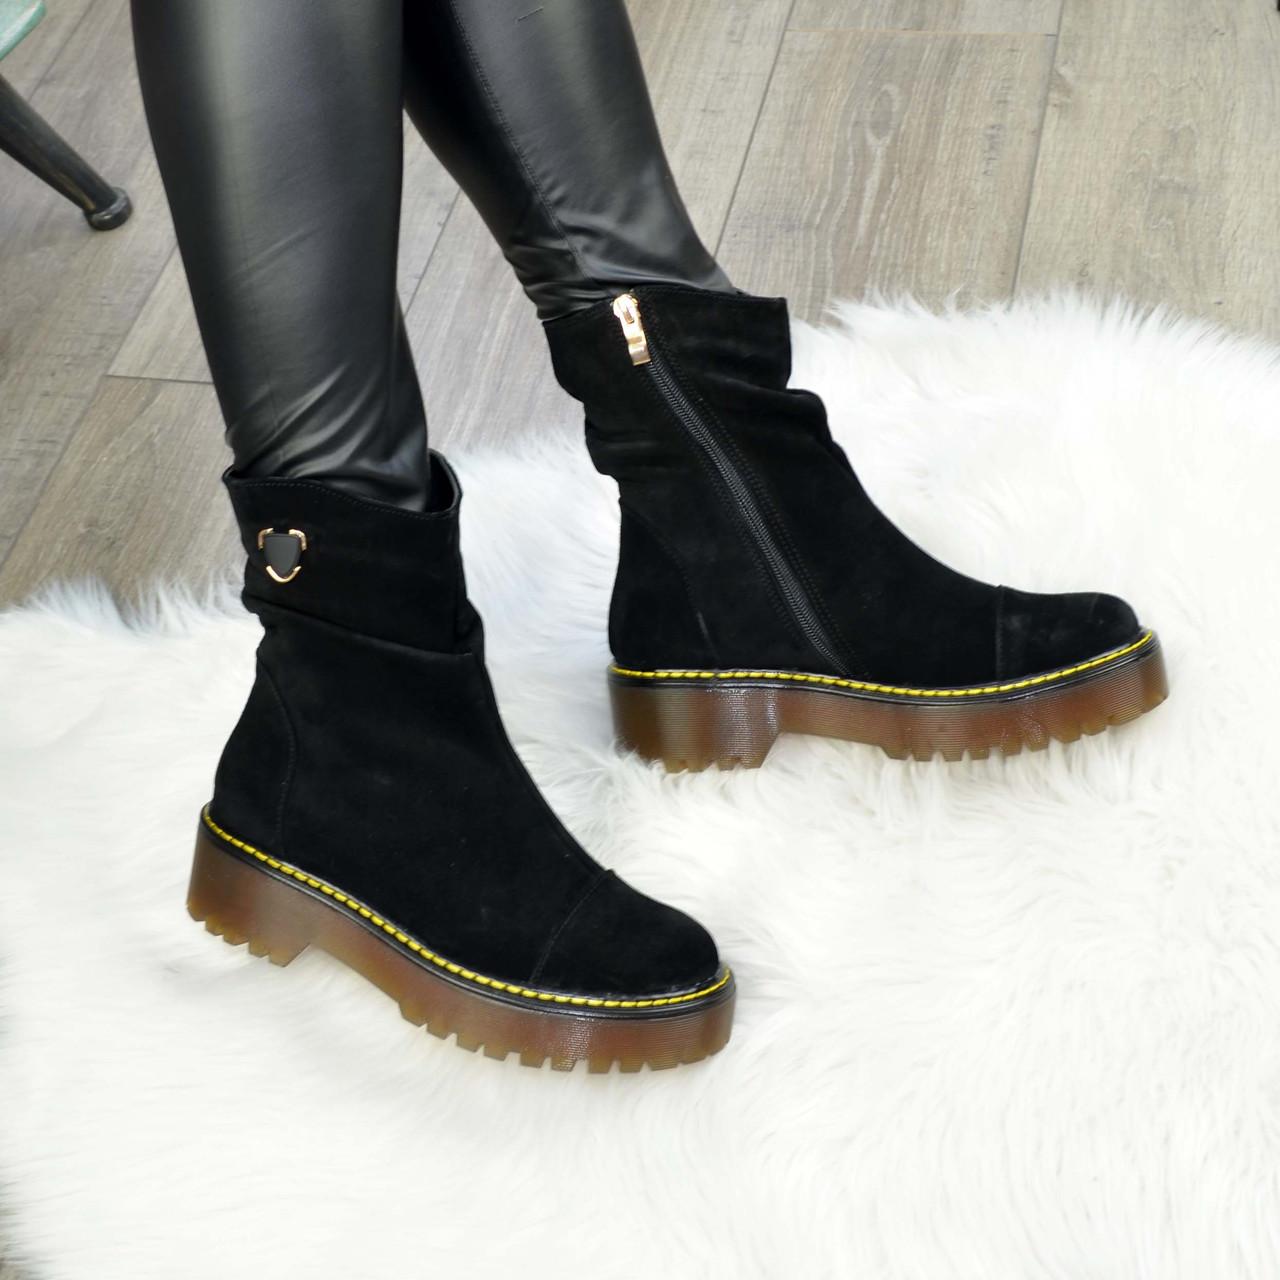 Ботинки женские замшевые на утолщенной подошве. Цвет черный